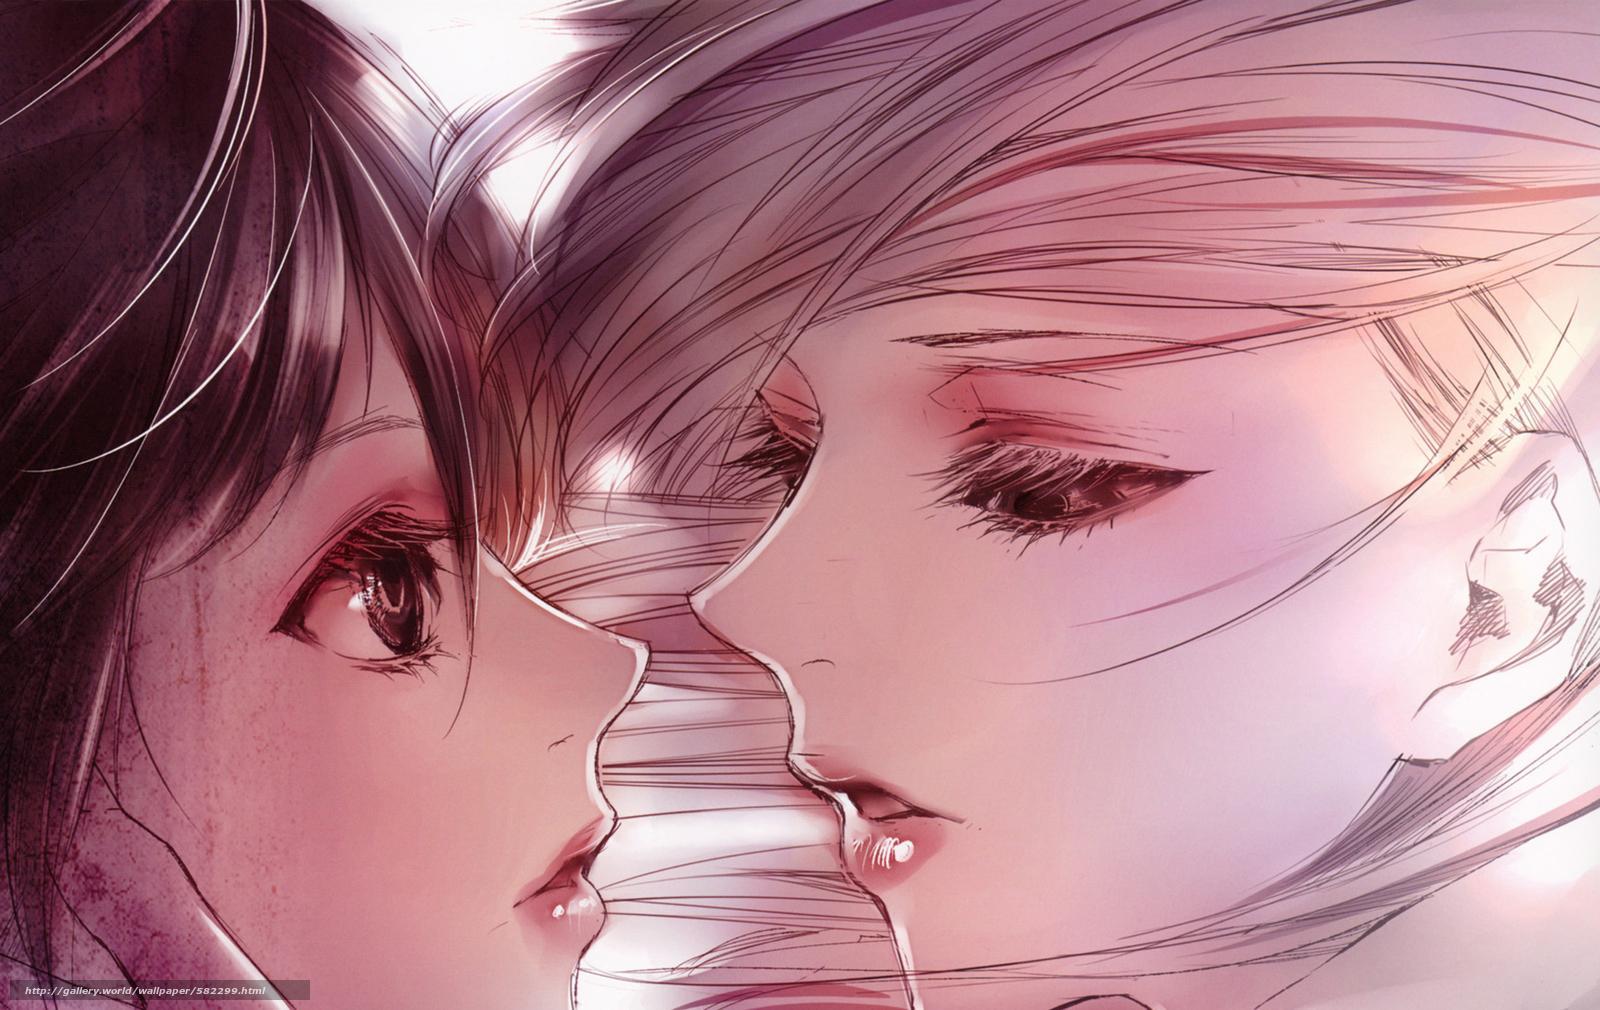 Скачать обои двое,  крупный план,  Девушки,  почти поцелуй бесплатно для рабочего стола в разрешении 1921x1213 — картинка №582299